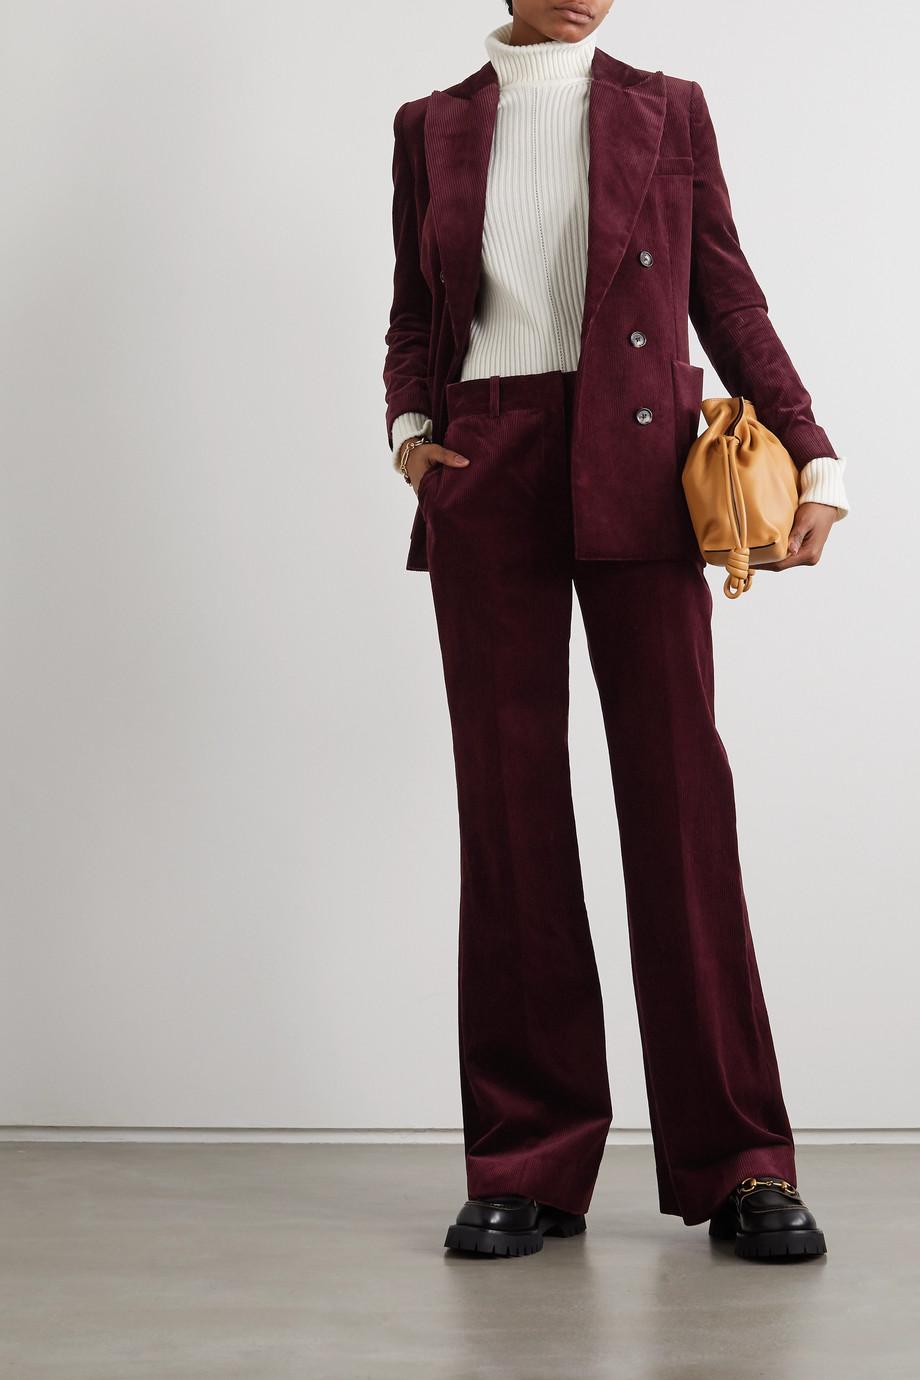 Bella Freud David Hose mit weitem Bein aus Baumwollcord